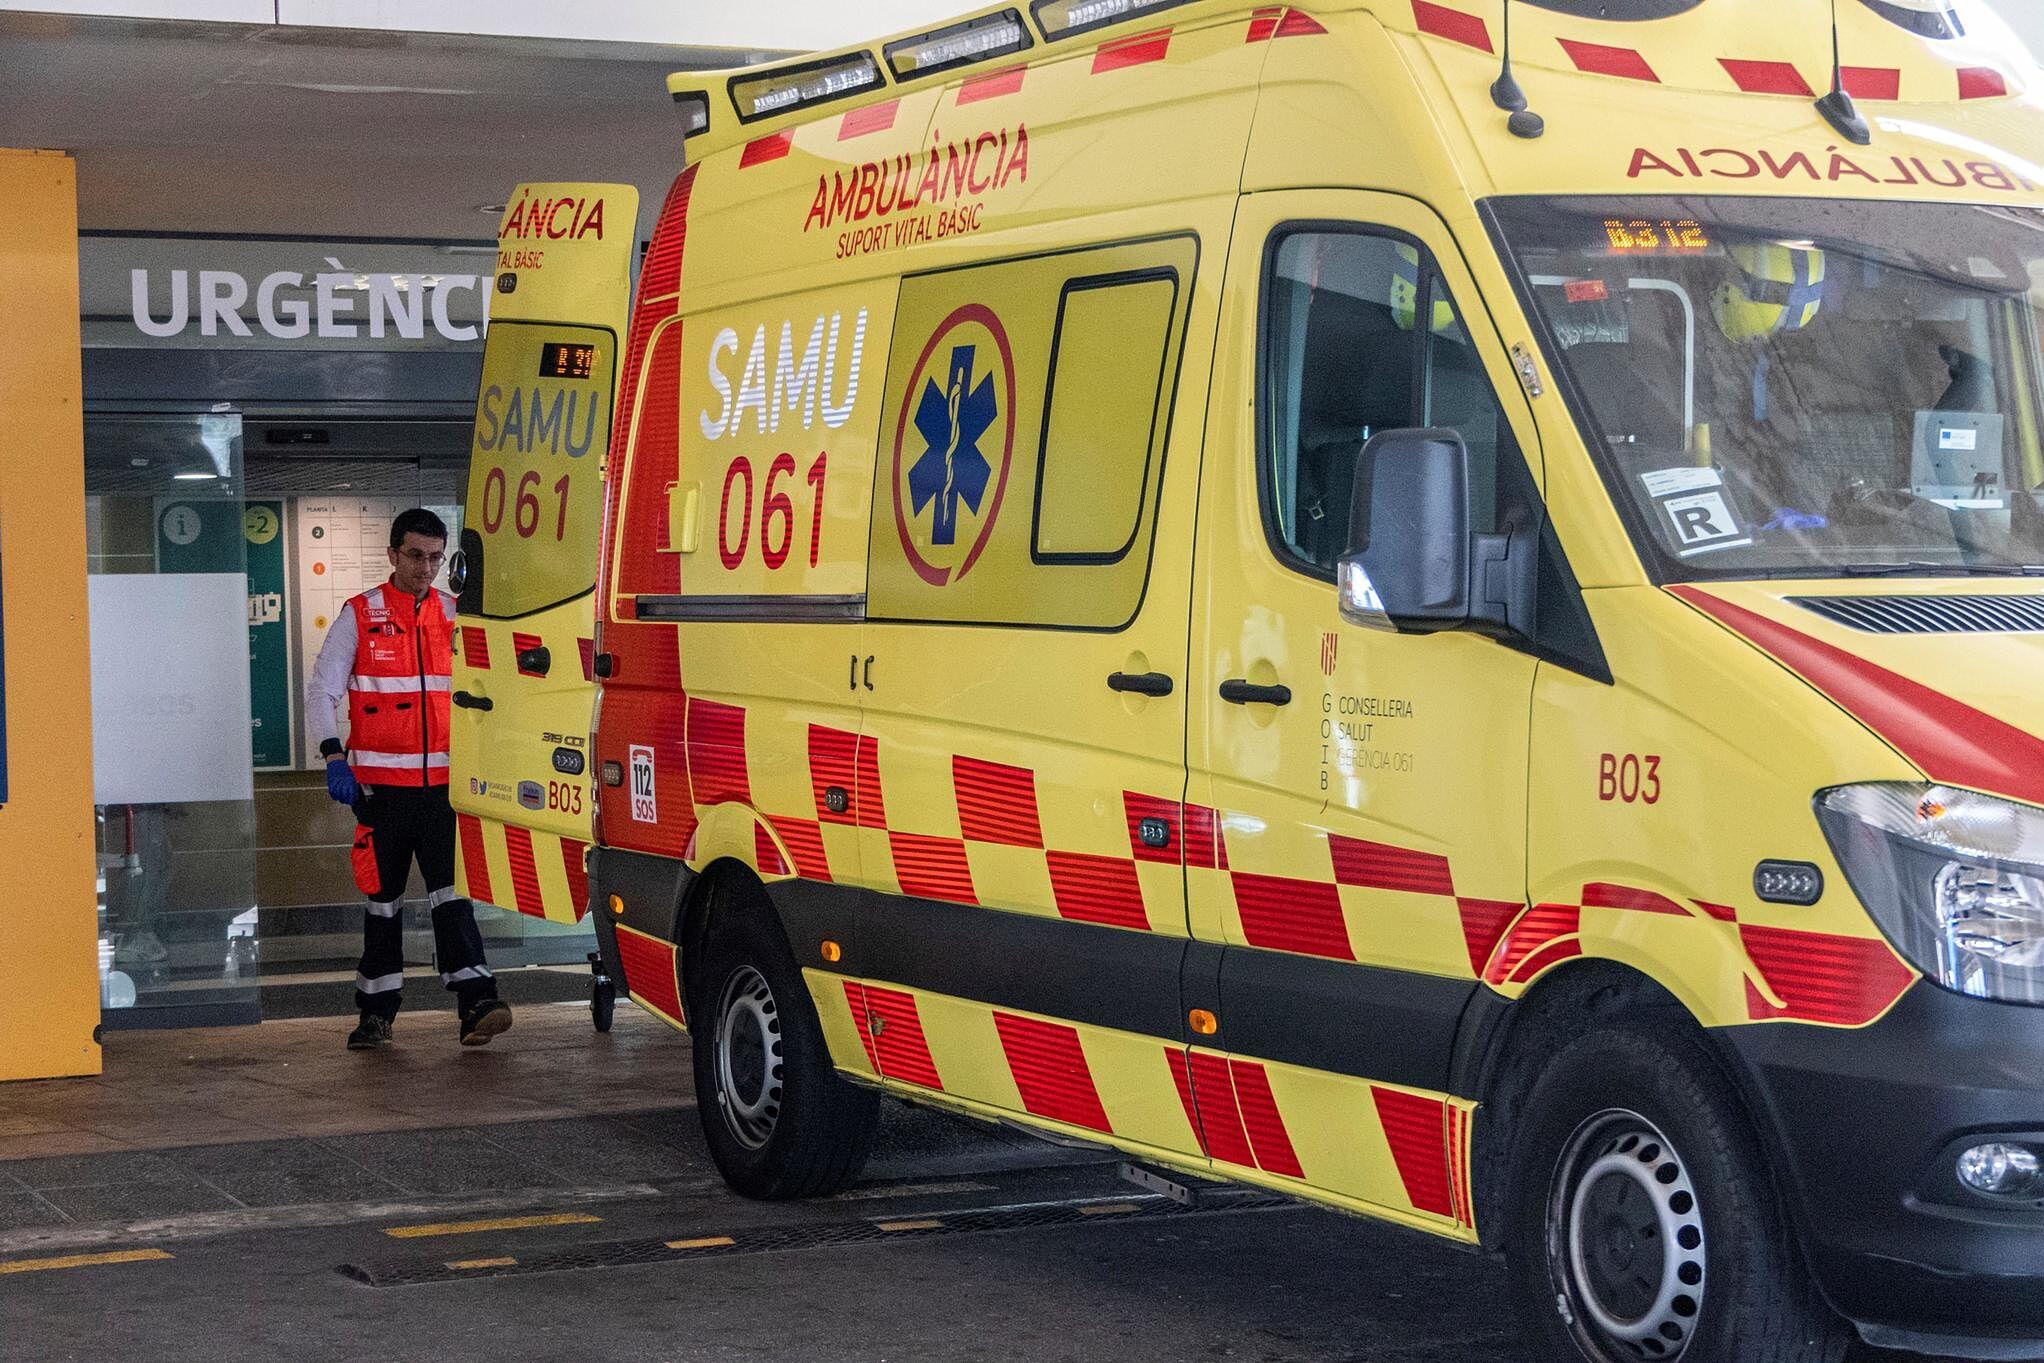 España: Niño de 13 años le da siete puñaladas a su padre luego de que le quitara el teléfono móvil